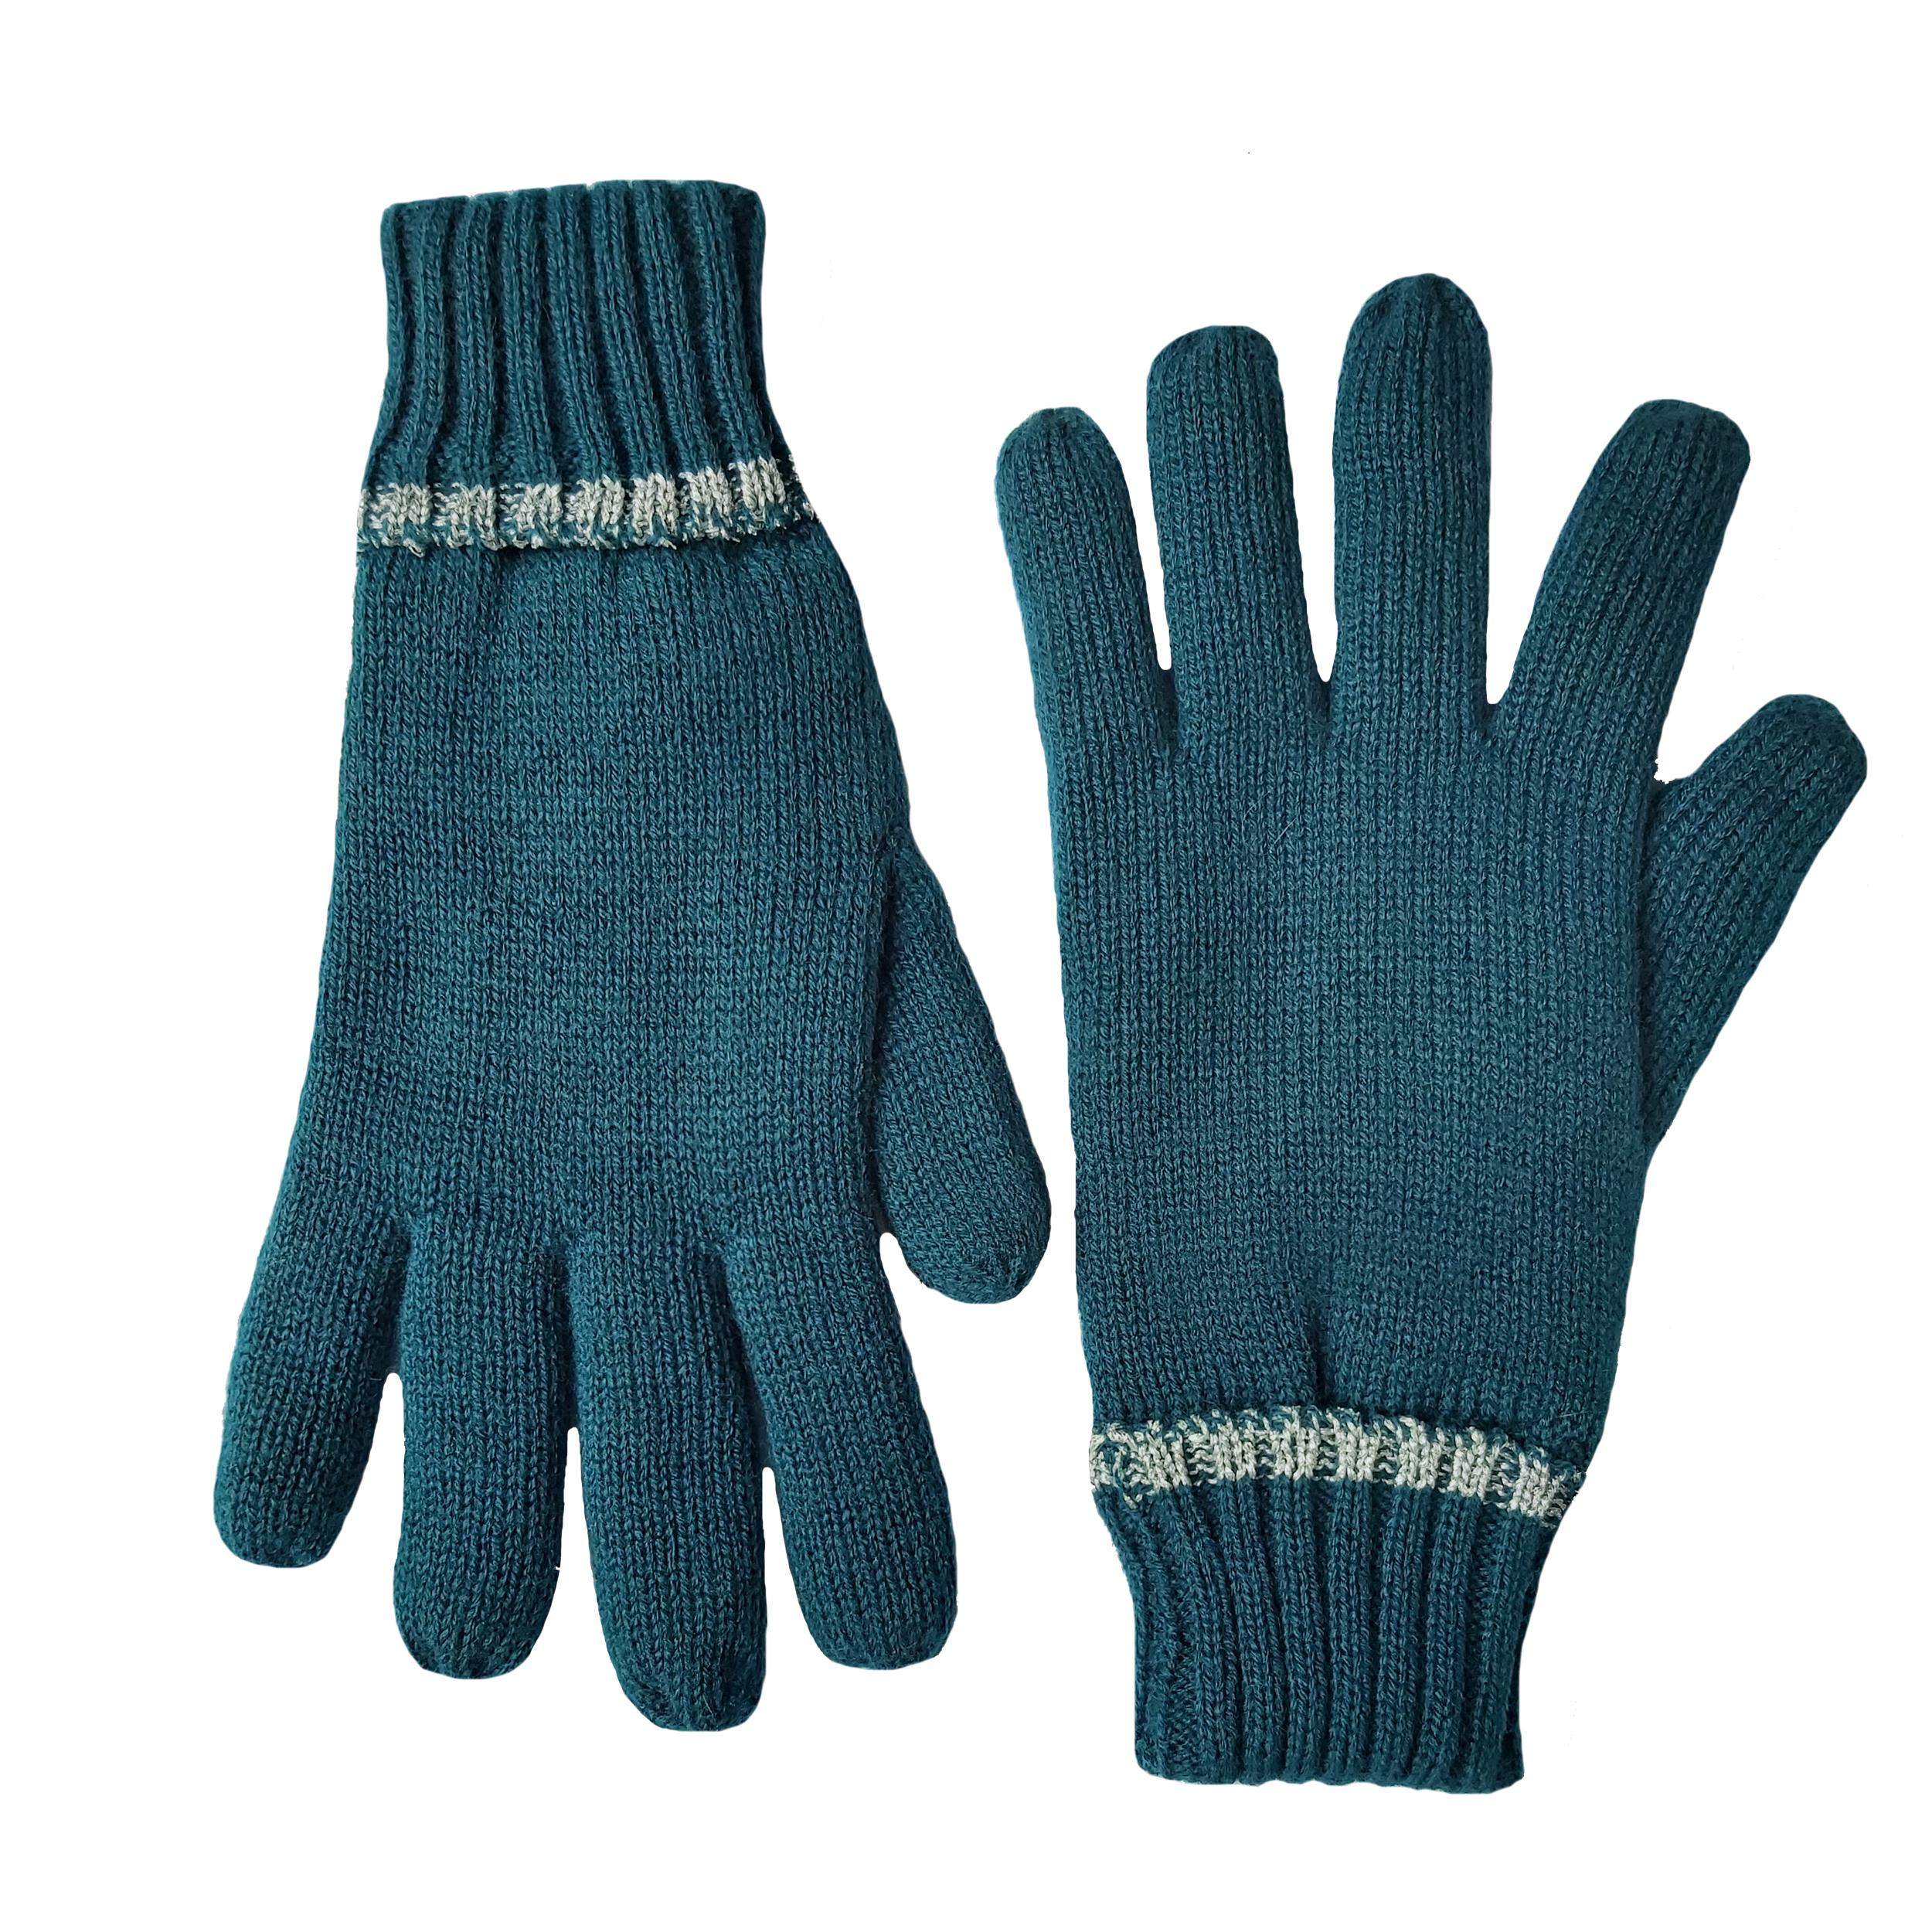 دستکش بافتنی زنانه اسمارا مدل 289605